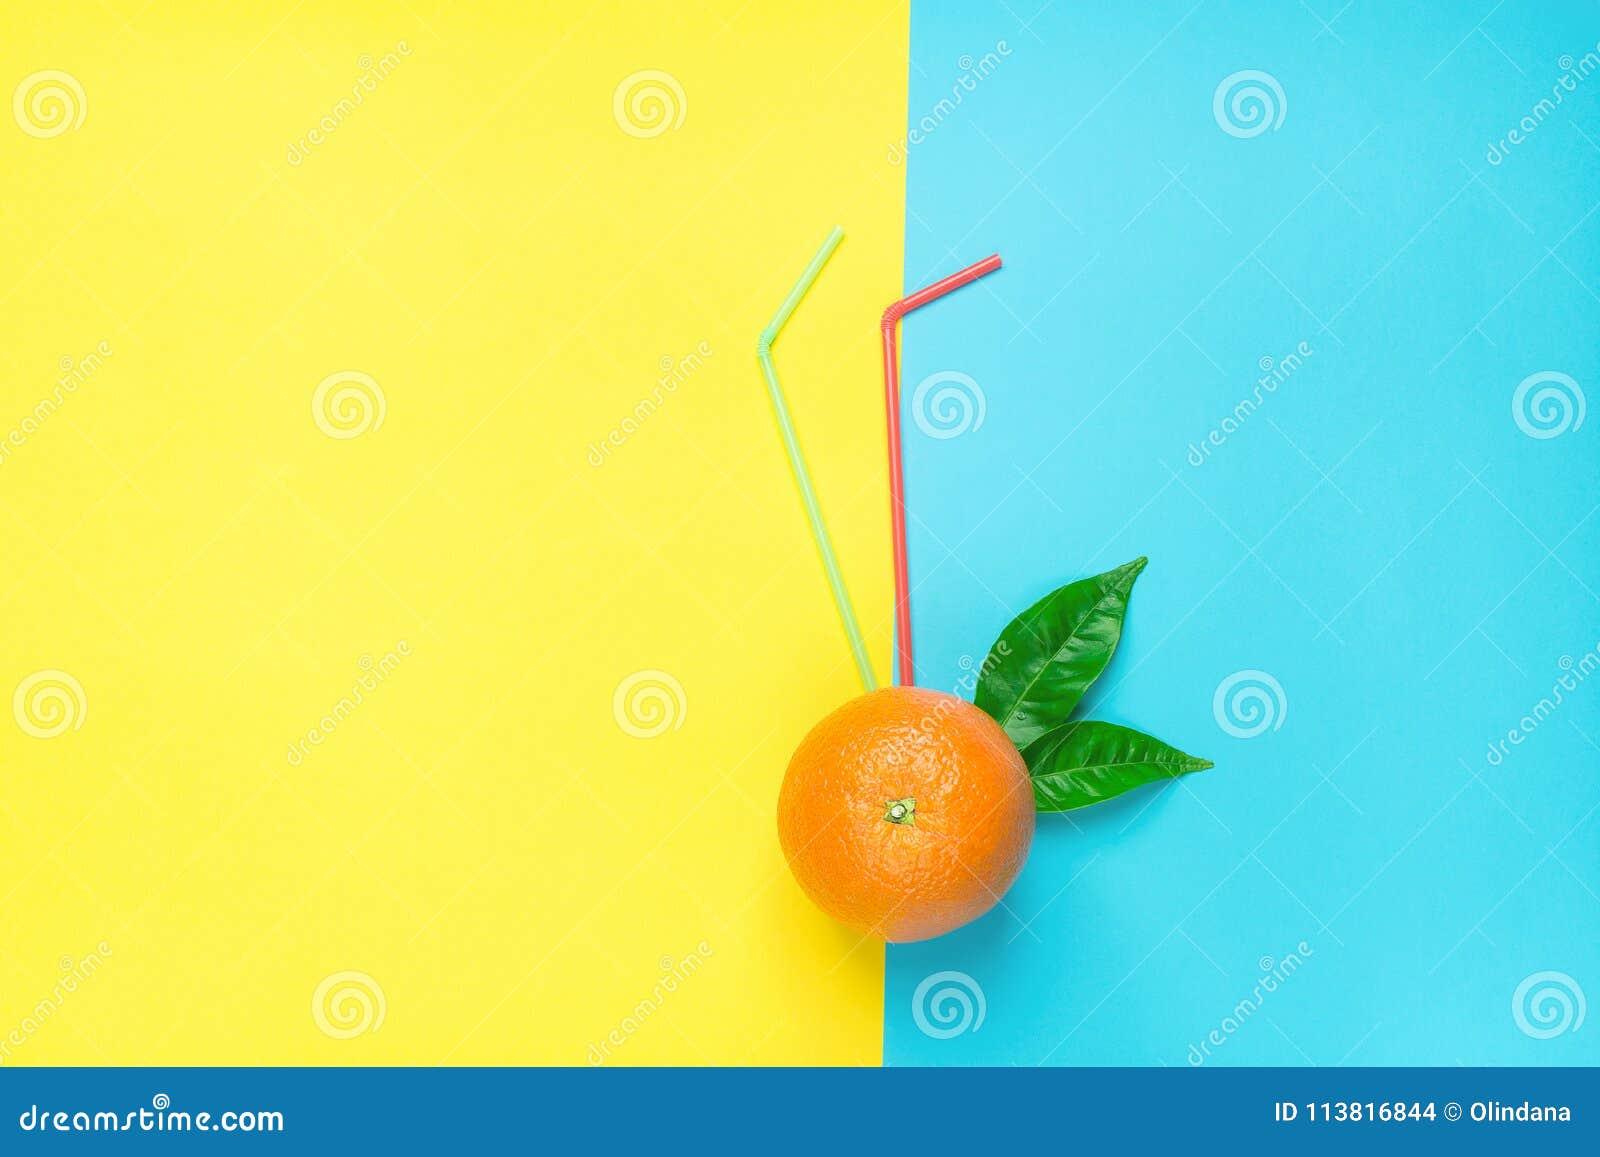 Rijpe Sappige Gehele Sinaasappel met Groen Bladeren het Drinken Stro op de Gele Blauwe Achtergrond van Duotone De verse Cocktails